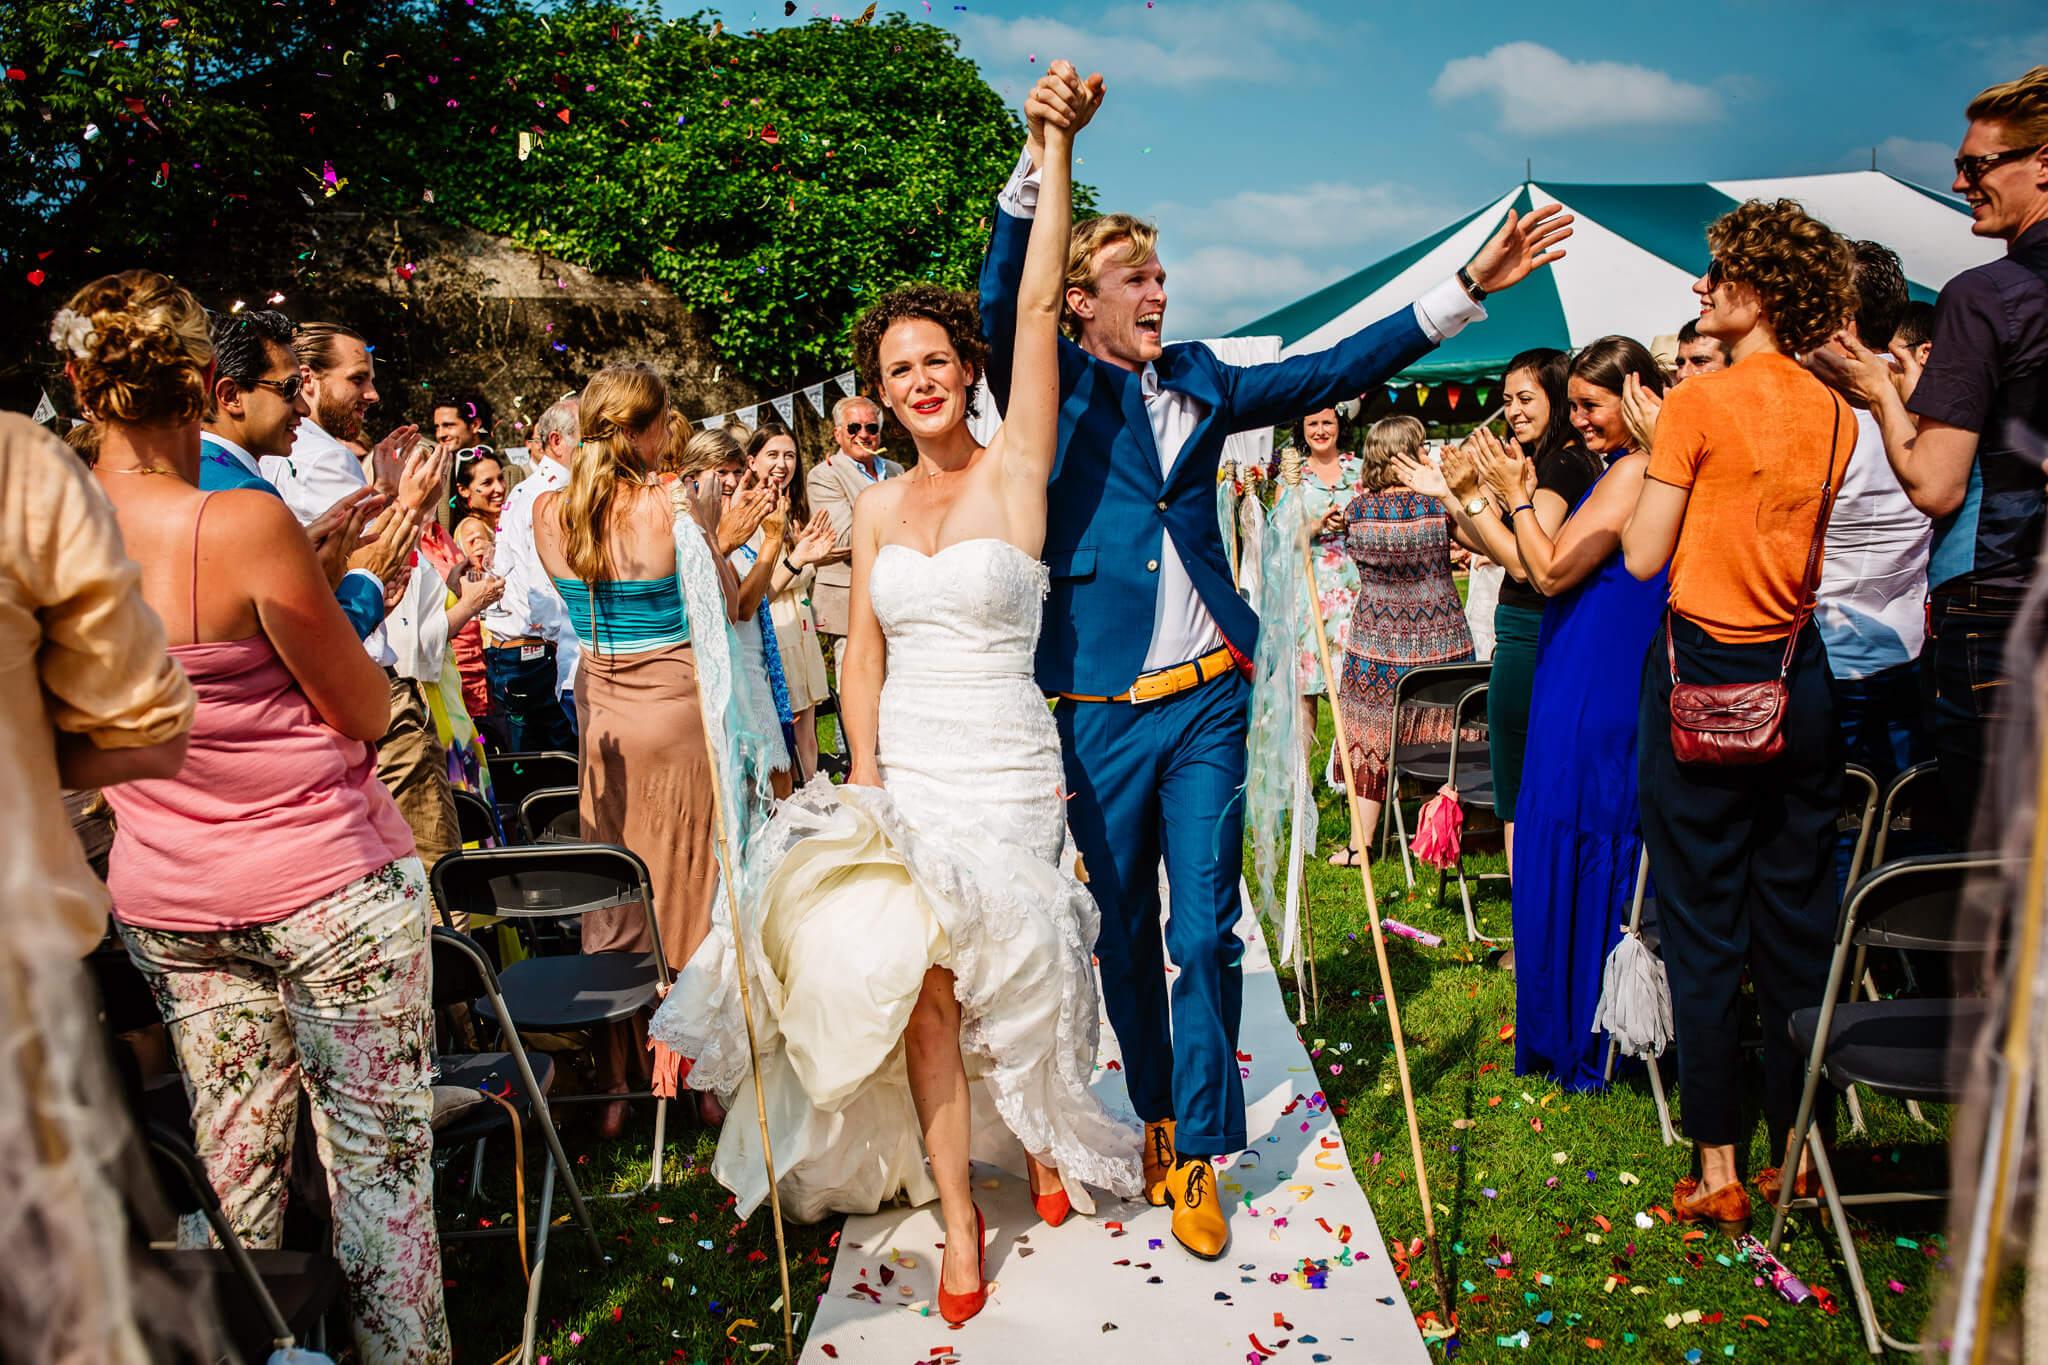 festivalbruiloft-bruidsfotograaf-utrecht-20.jpg